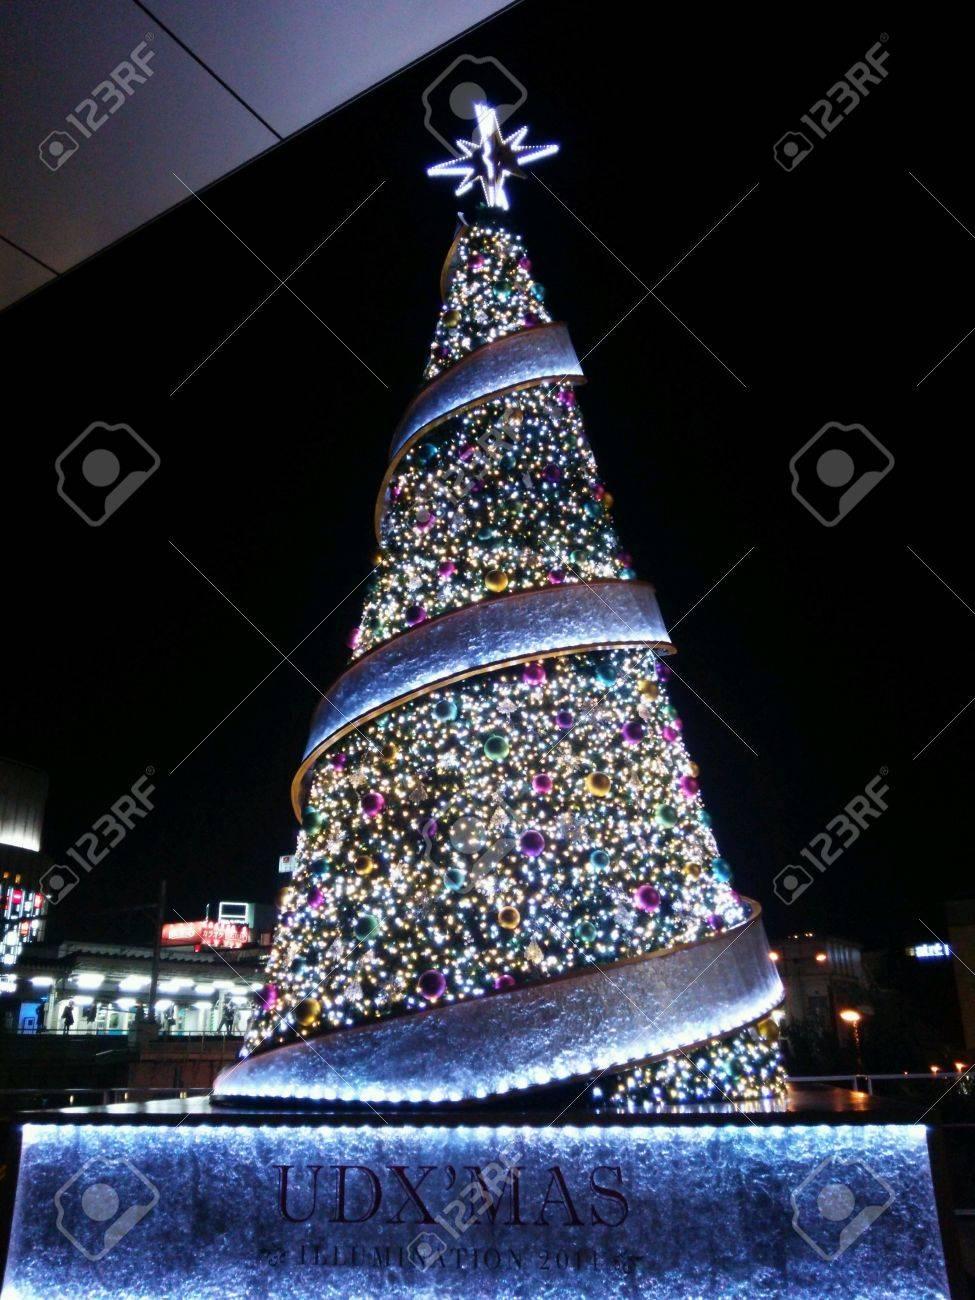 albero di natale di illuminazione a akihabara, tokyo, giappone ... - Illuminazione Alberi Natale